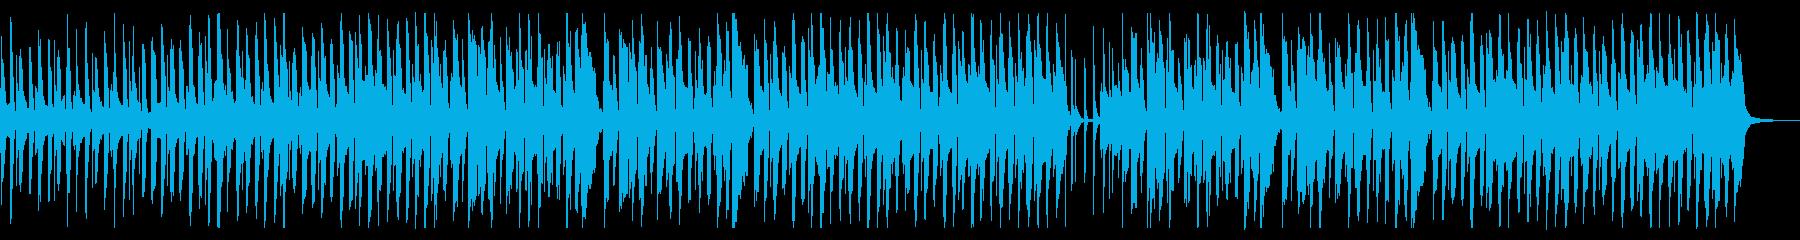 口笛がメインの明るく休日っぽいフォークの再生済みの波形